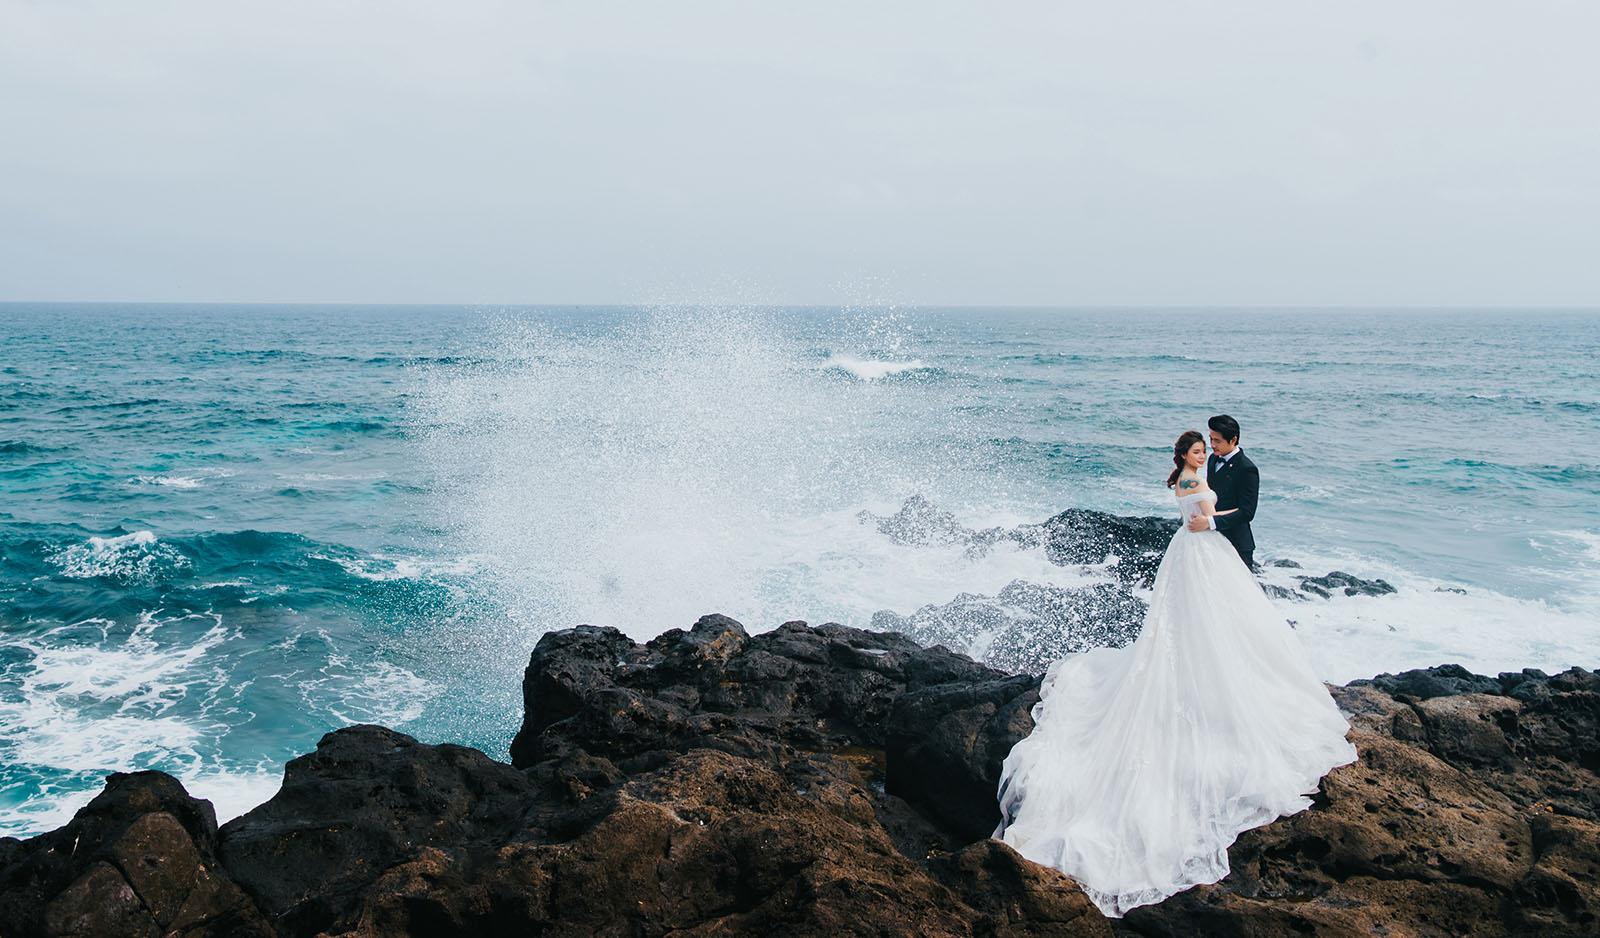 Lý Sơn – Thiên đường chụp ảnh cưới đẹp như mơ ngay tại Việt Nam